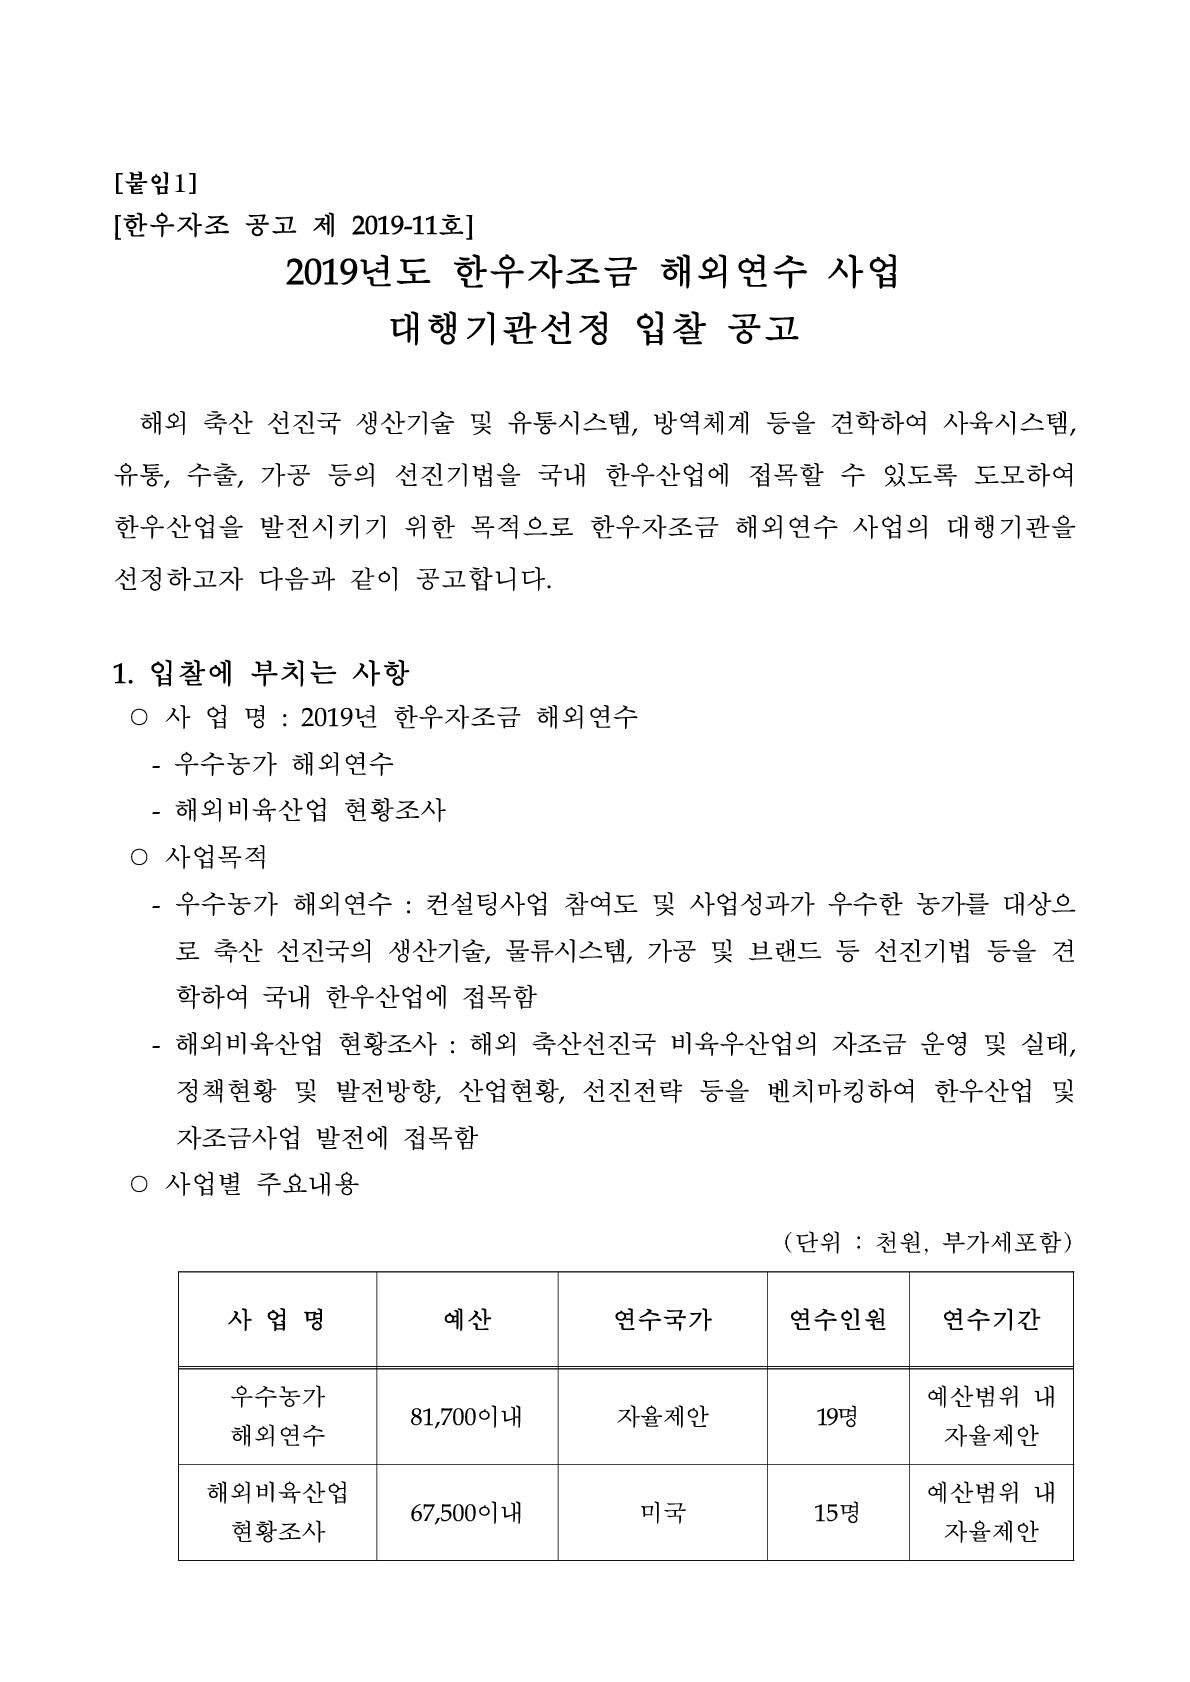 2019년_한우자조금_해외연수_입찰공고문_1.jpg